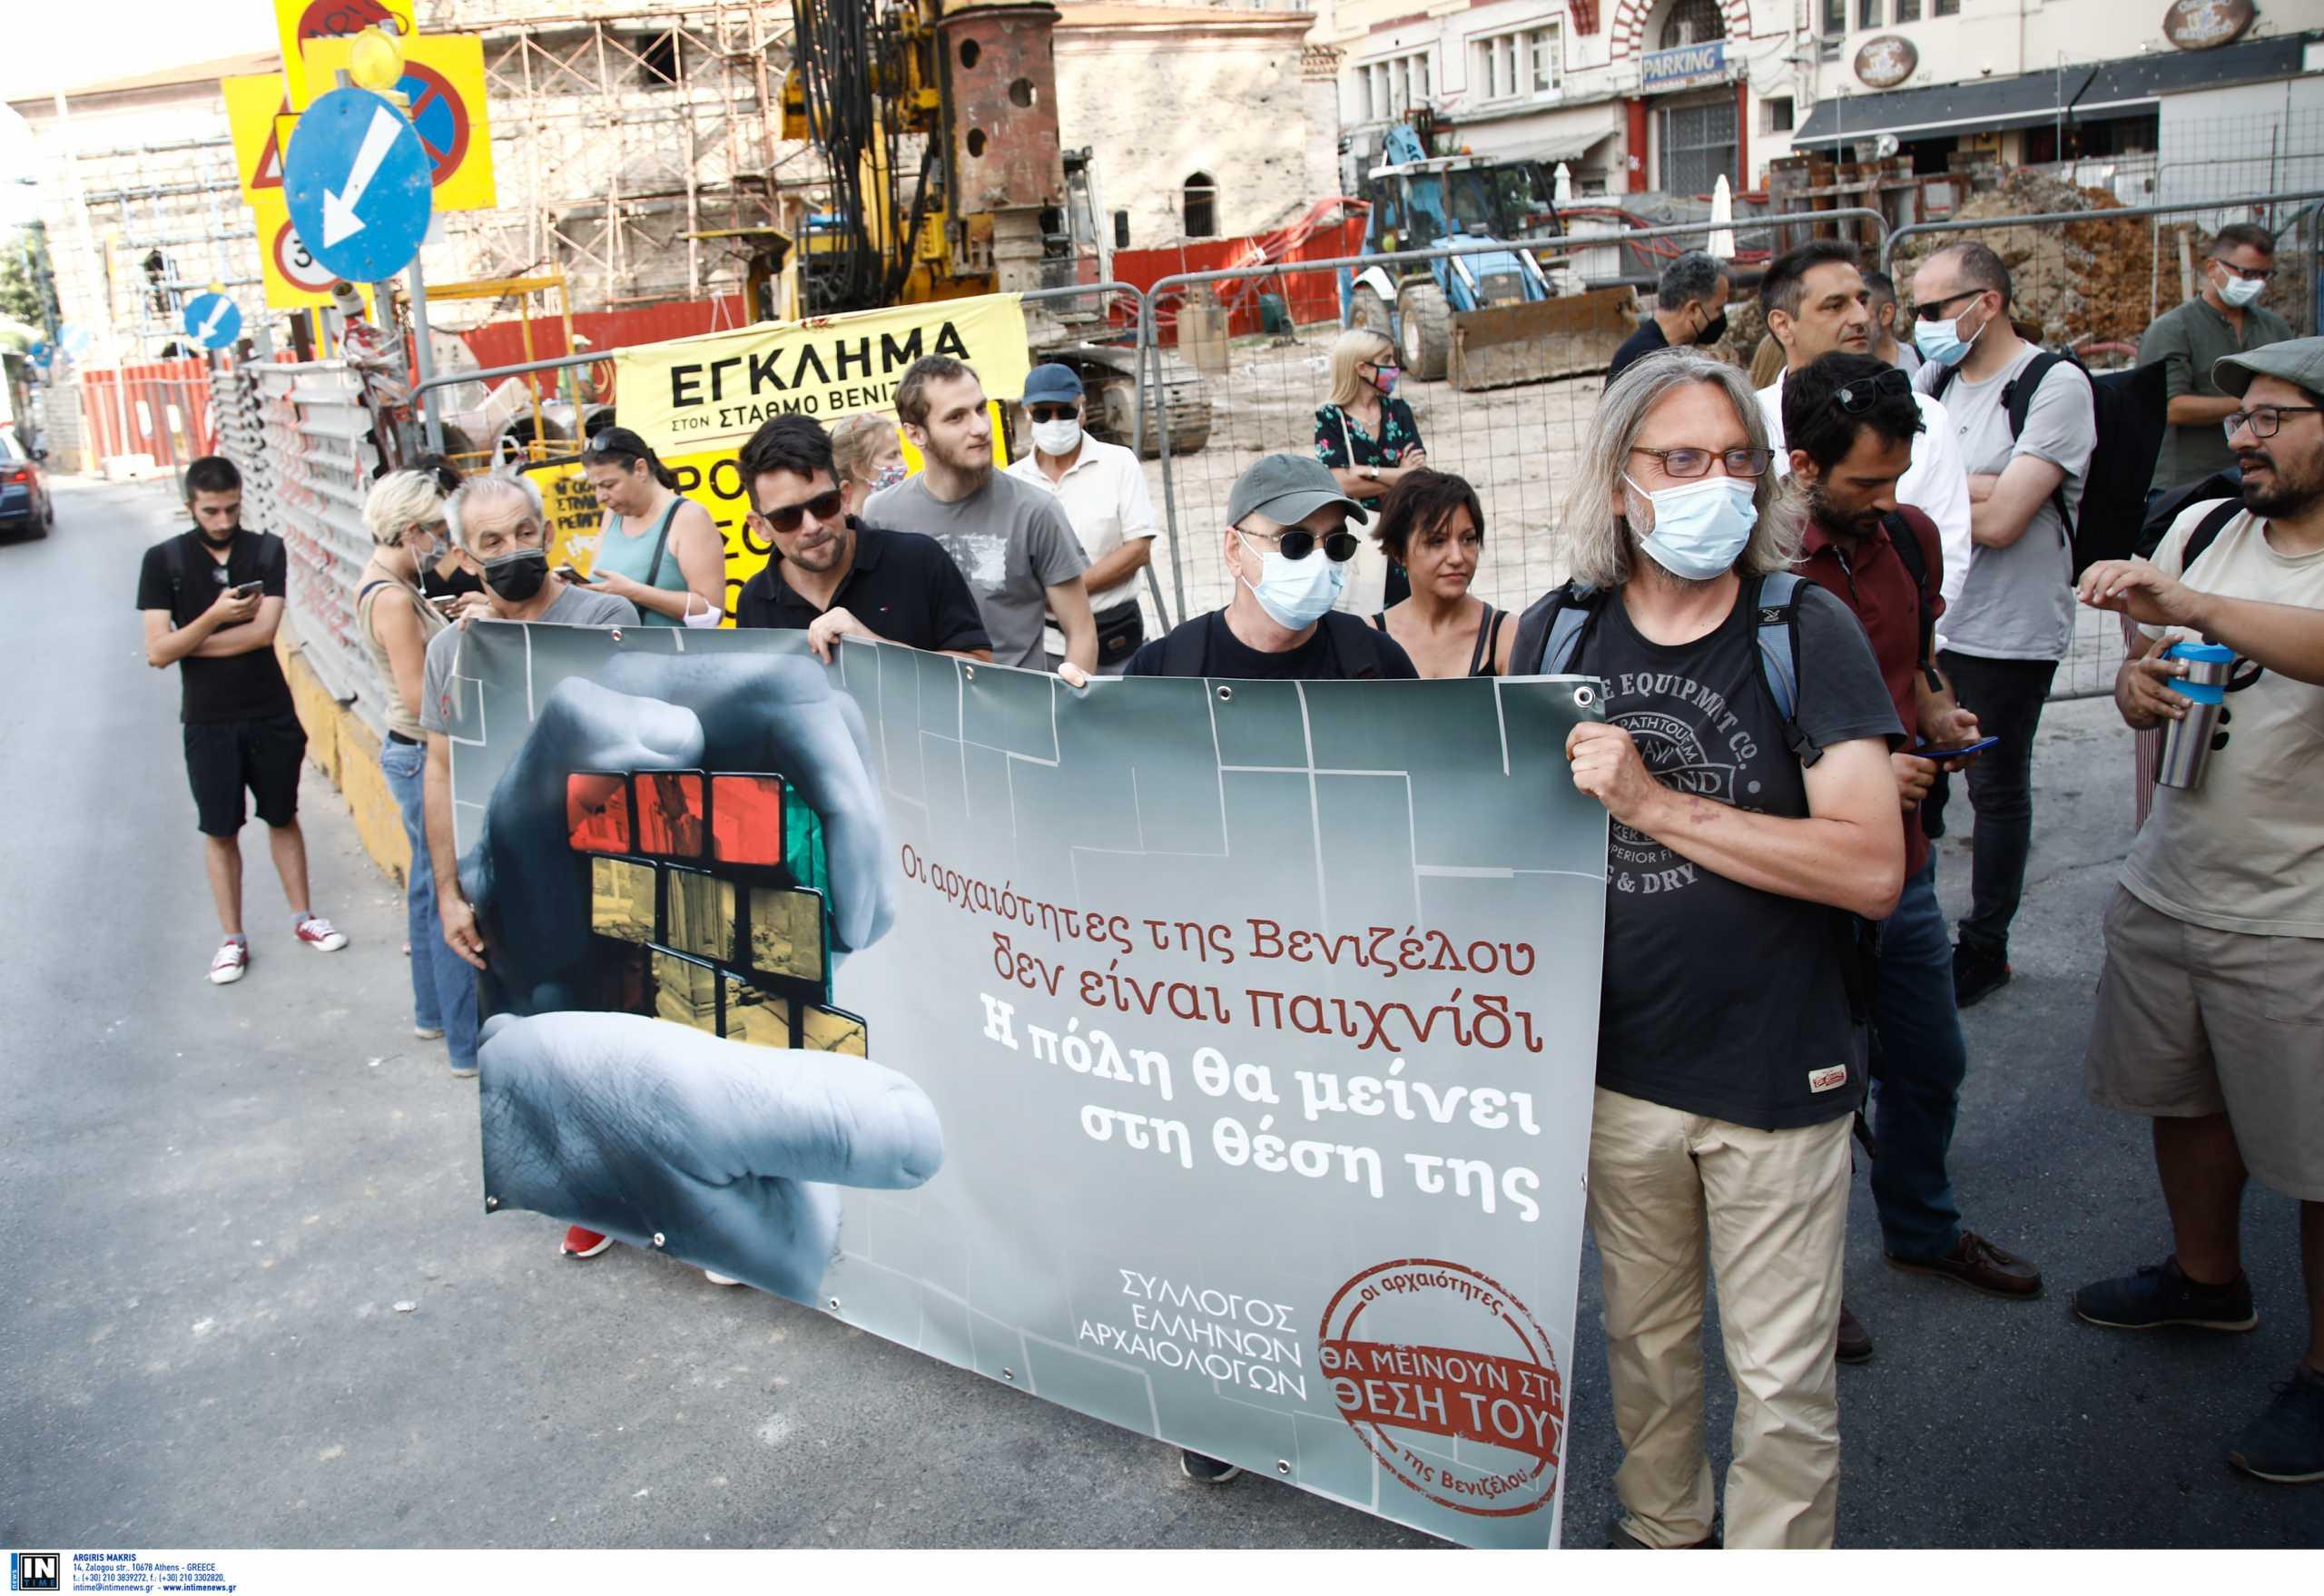 Μετρό Θεσσαλονίκης: Αρχαιολόγοι και βουλευτές του ΣΥΡΙΖΑ ξεσπούν για την απόσπαση αρχαιοτήτων